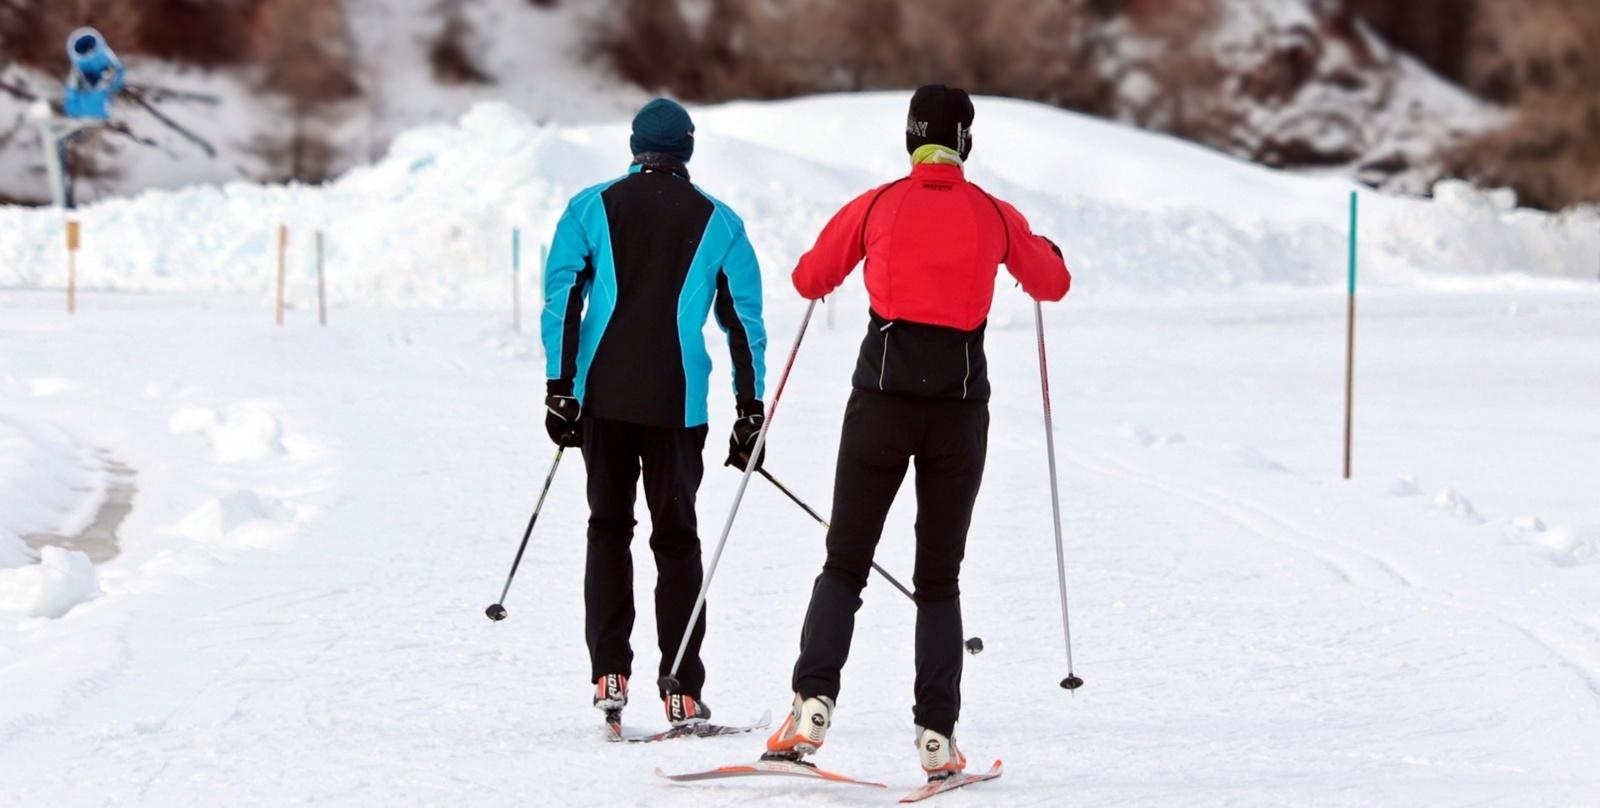 Lietuvos slidininkai pasaulio taurės etape Šveicarijoje liko tarp autsaiderių